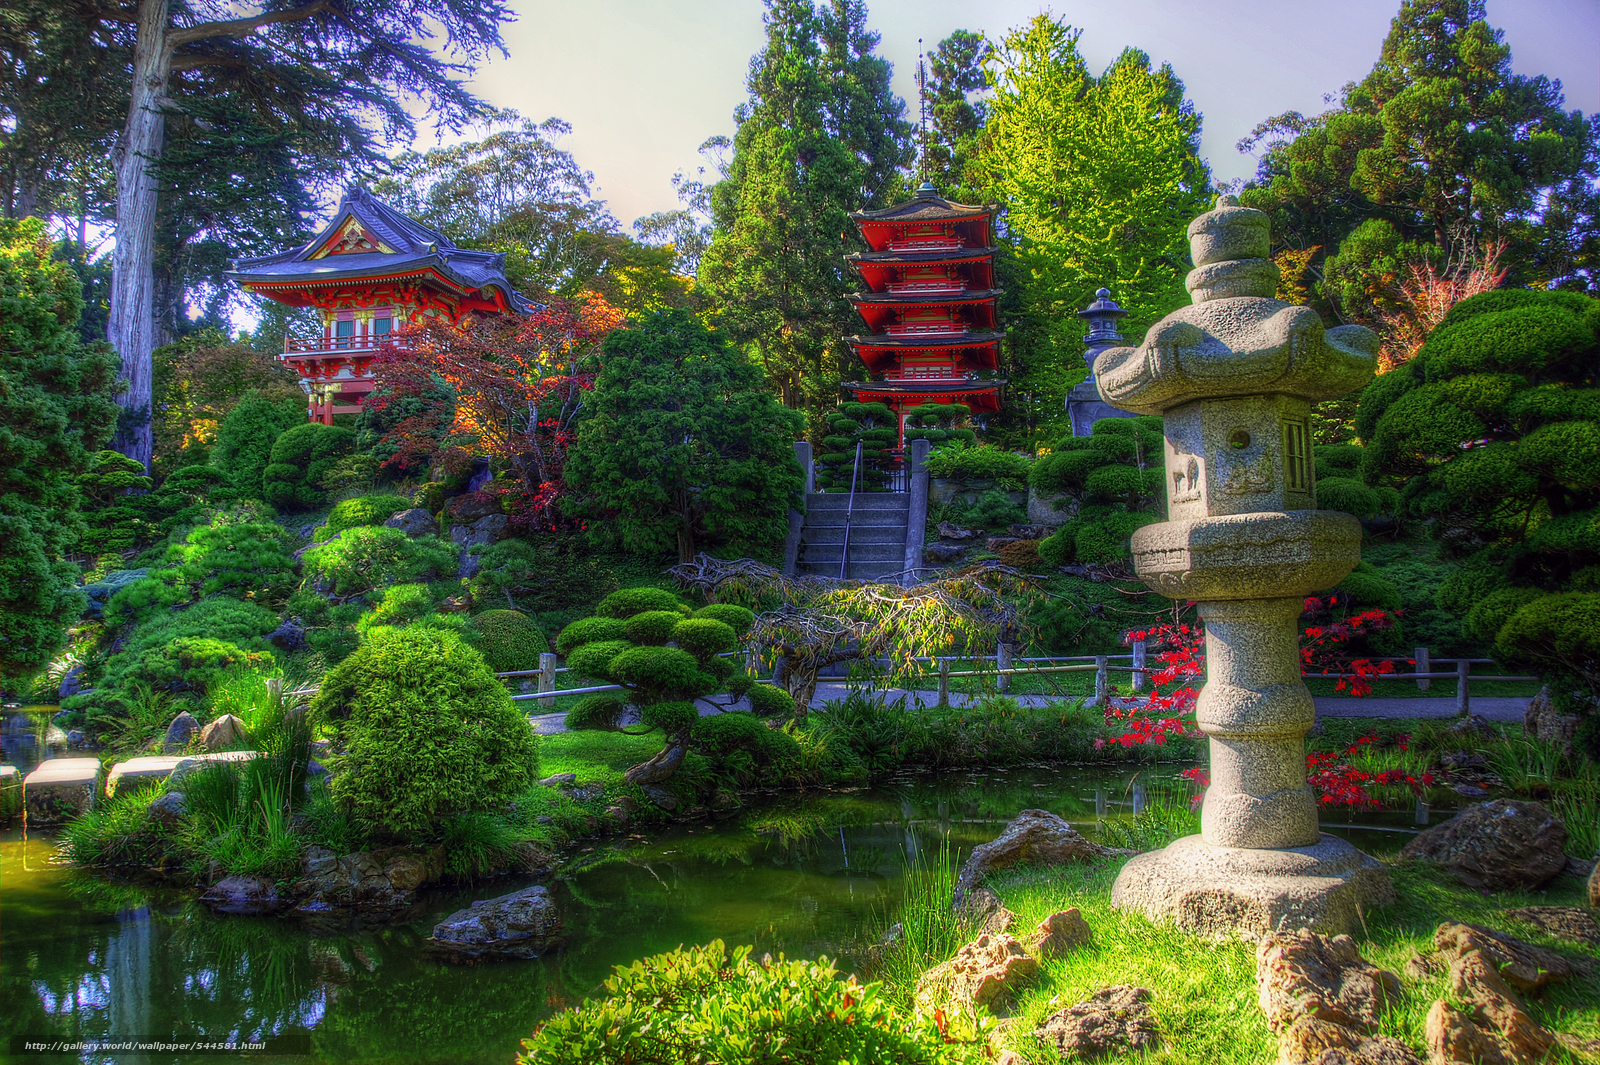 San Francisco California Japanese Tea Garden Japanese Garden 1600x1065